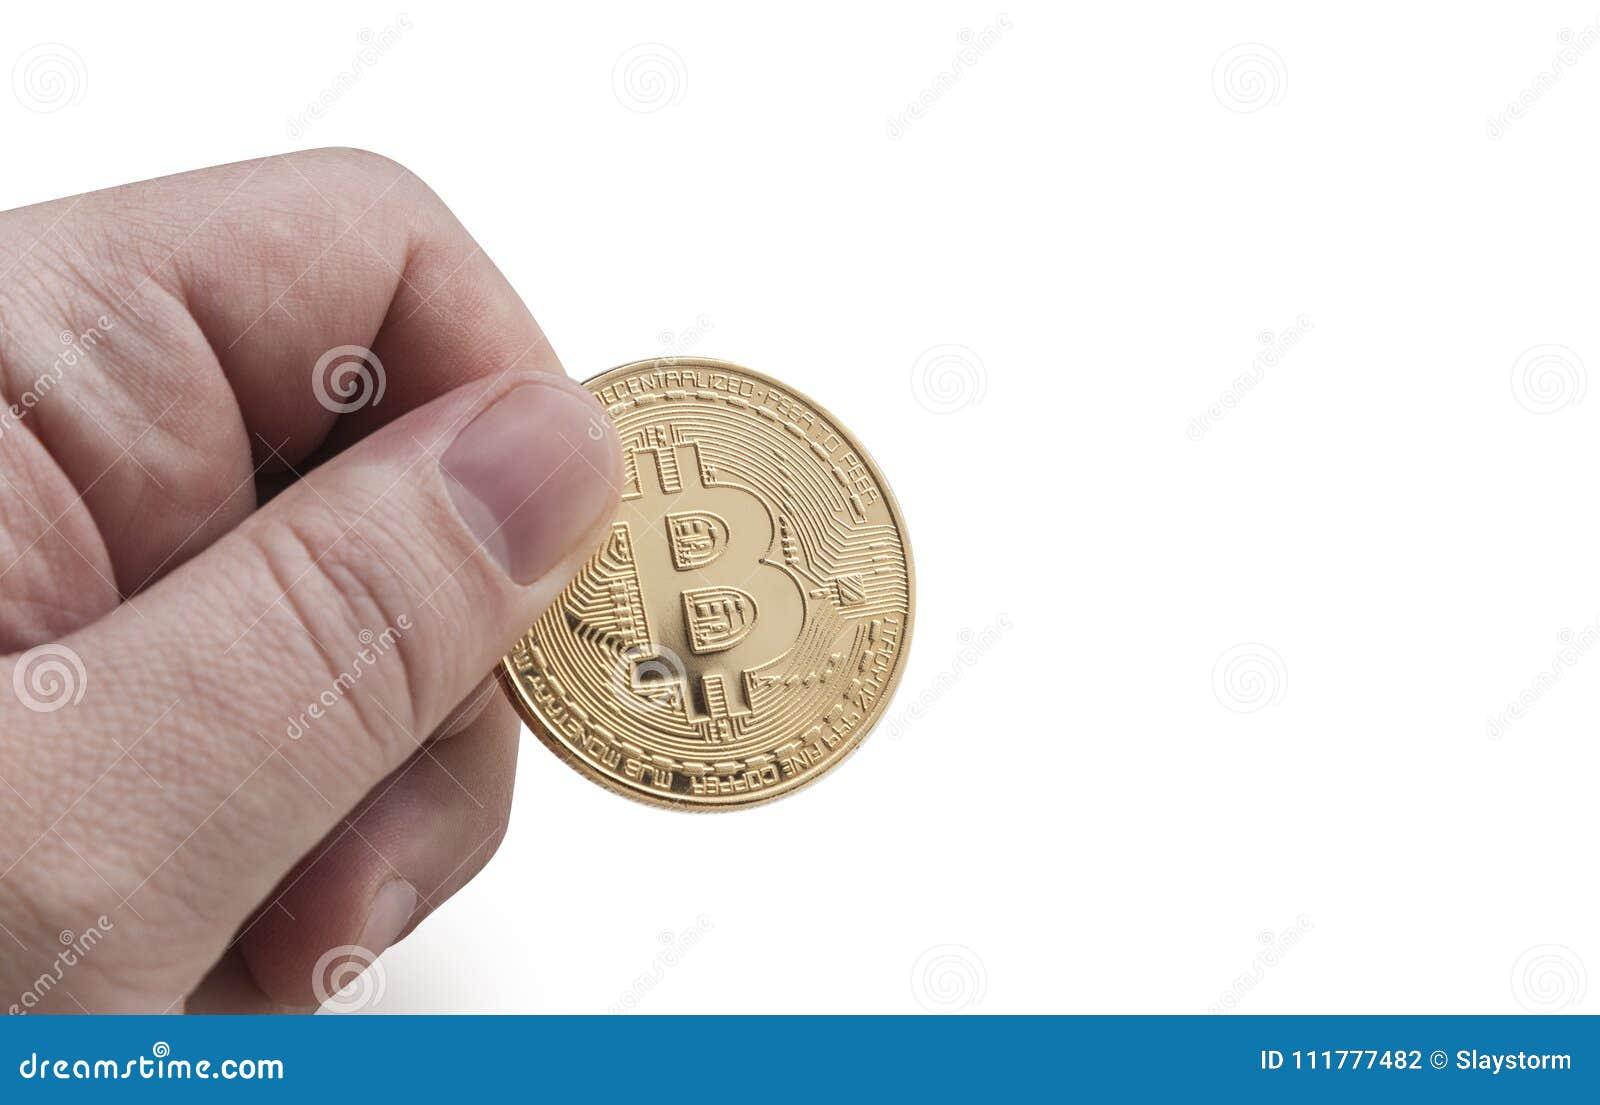 Man`s hand holding golden Bitcoin